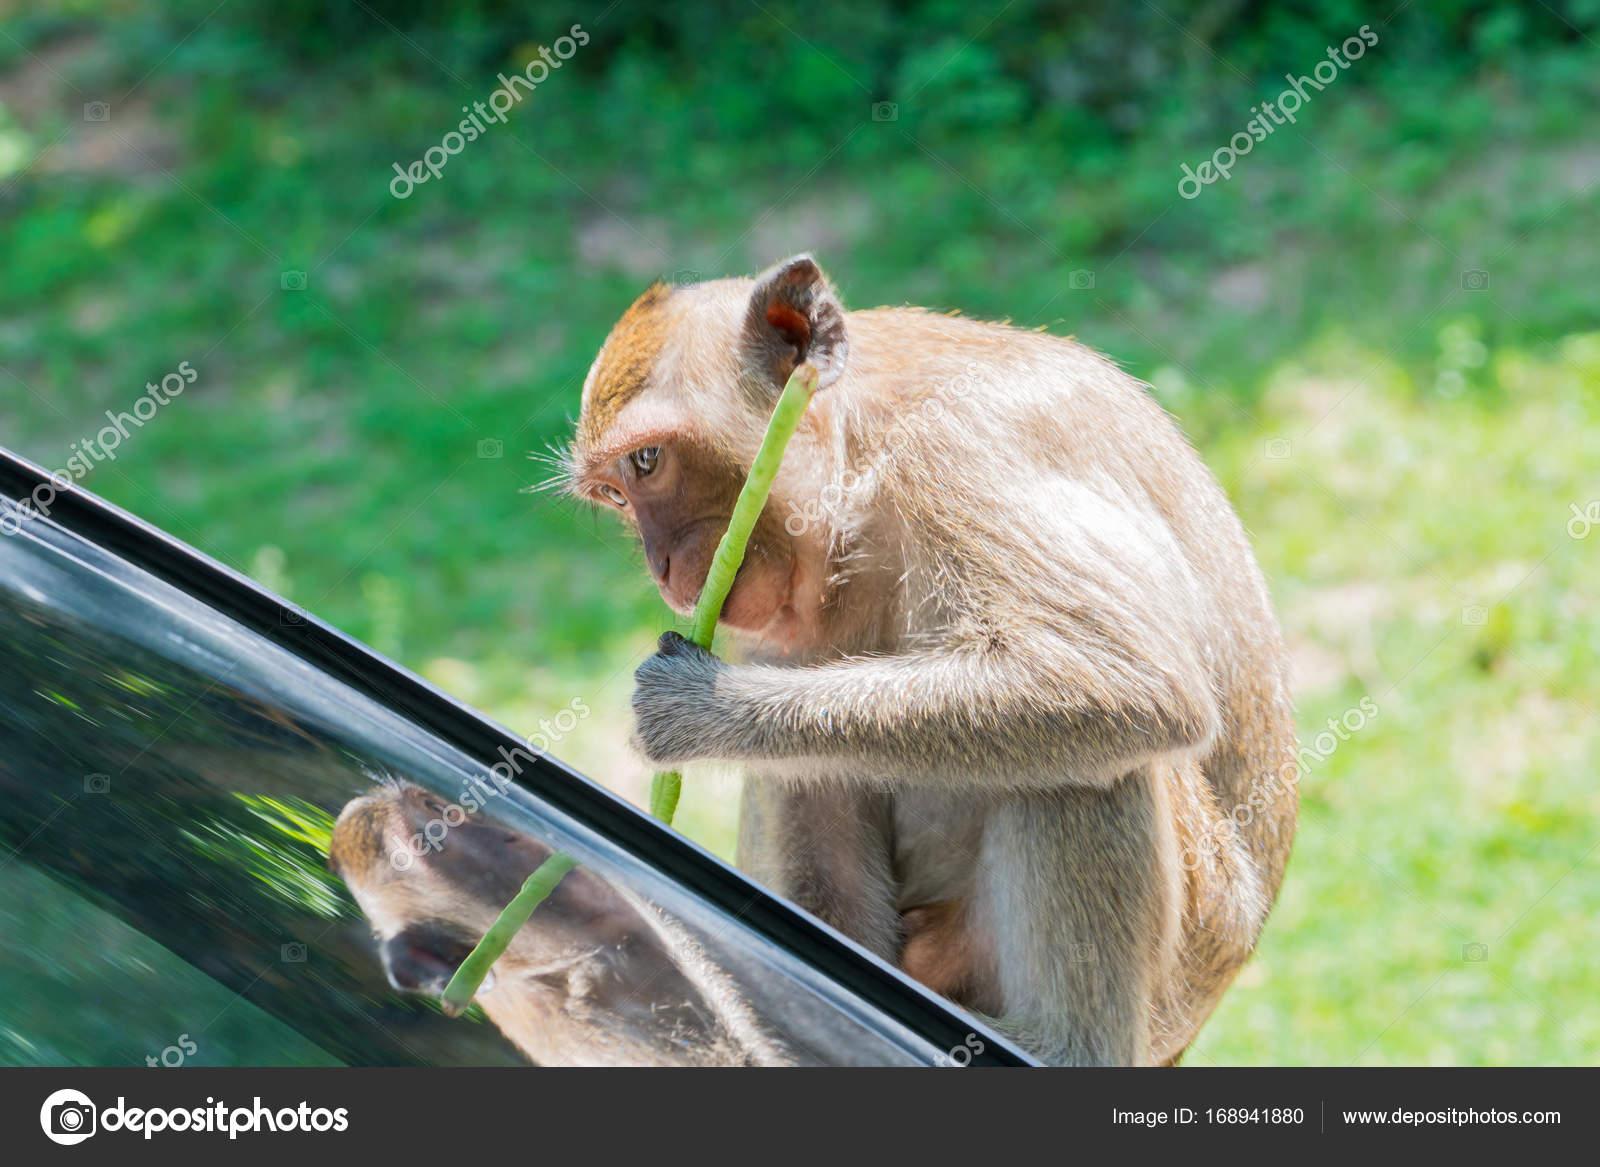 Bezaubernd Haustier Affe Galerie Von Der Frisst Die Lange Bohnen Beim Sitzen